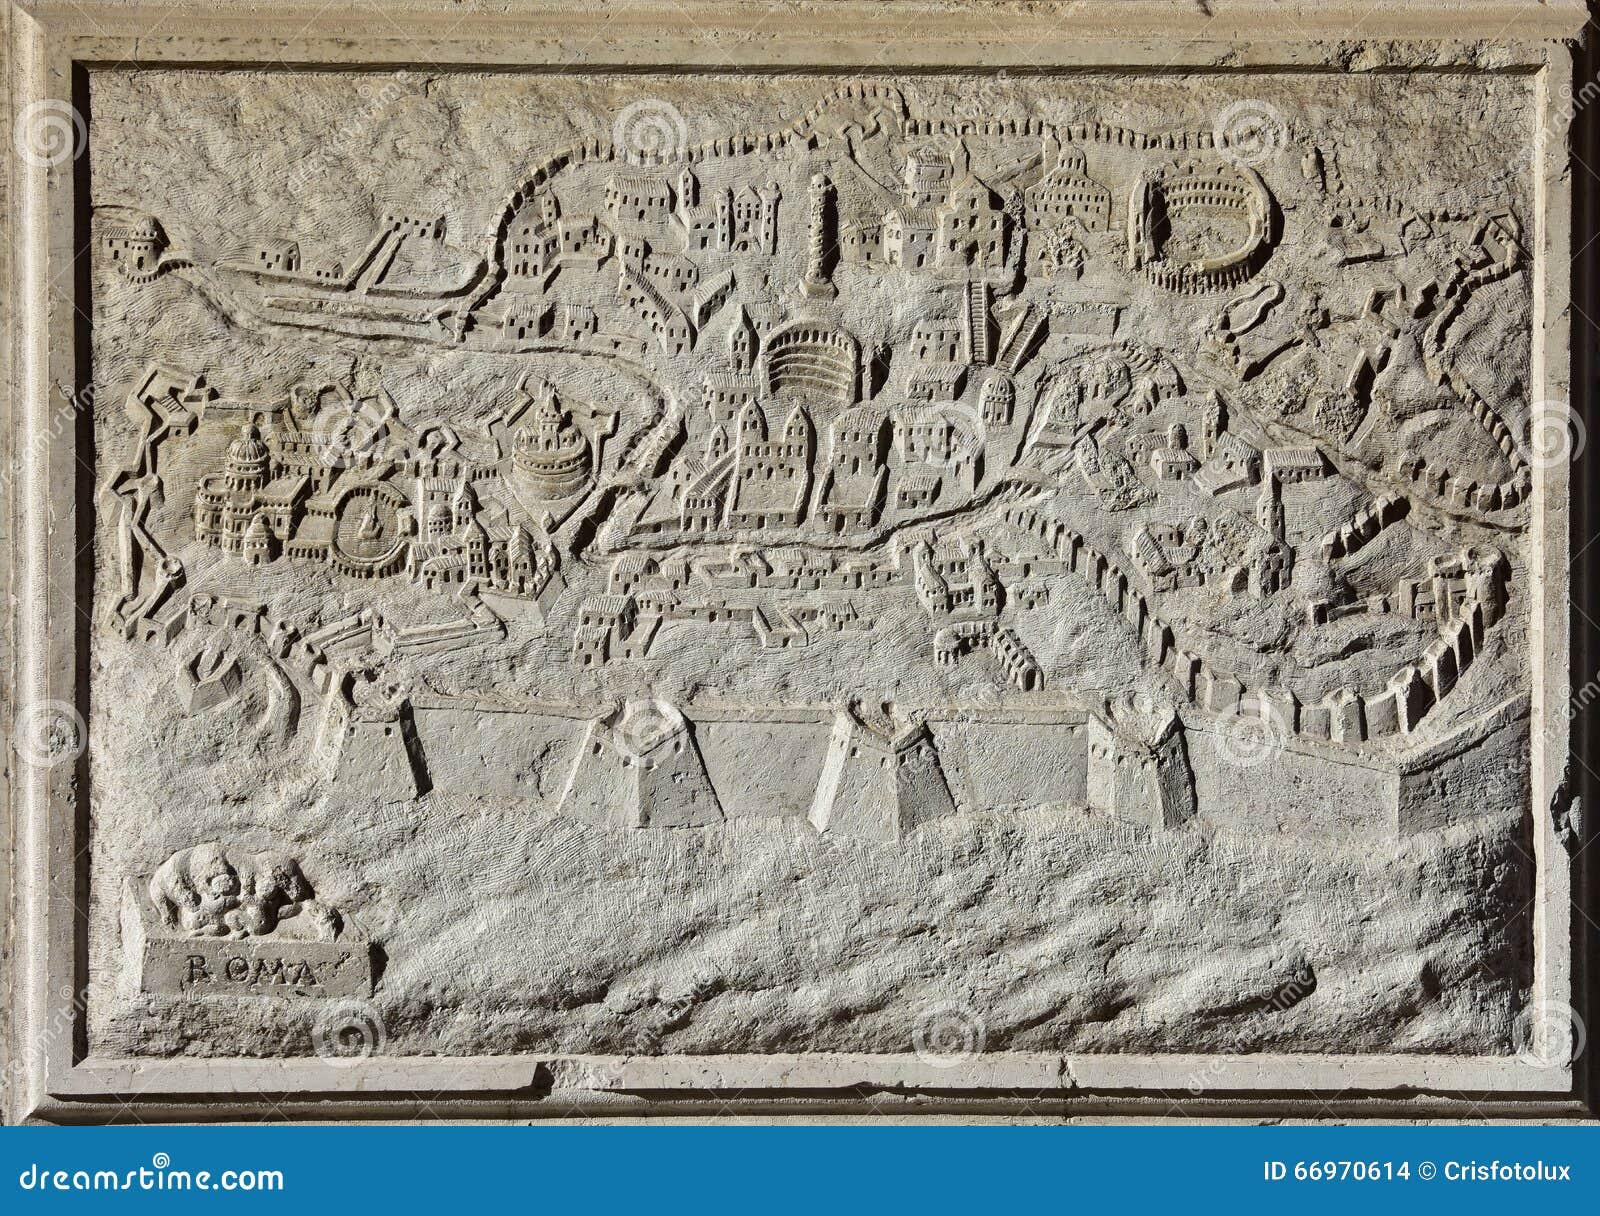 Carte antique de Rome, la ville éternelle